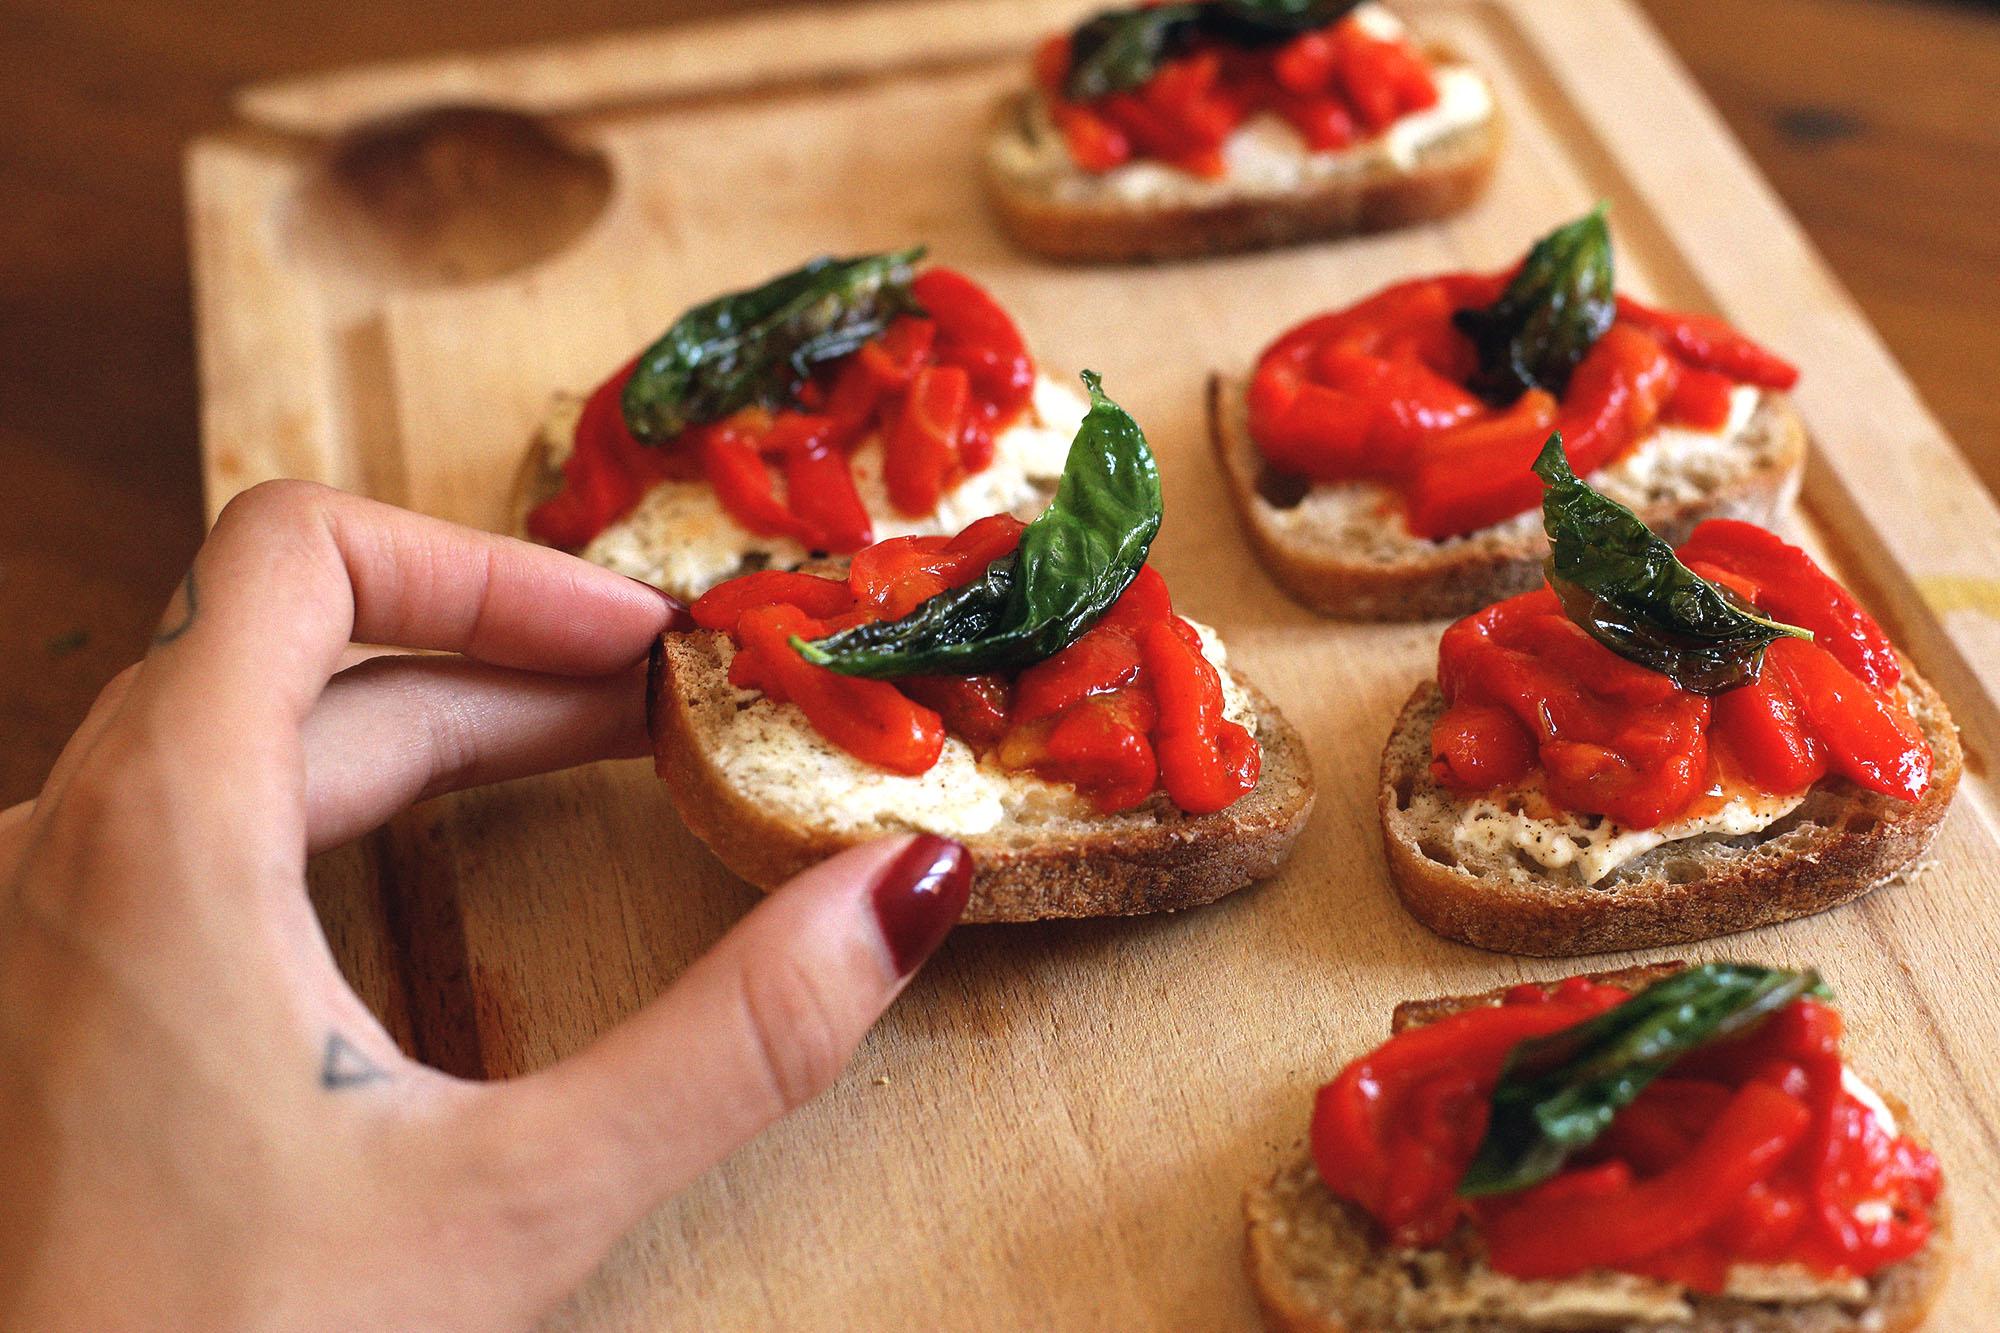 Lady-biche-blog-cuisine-poivron-11